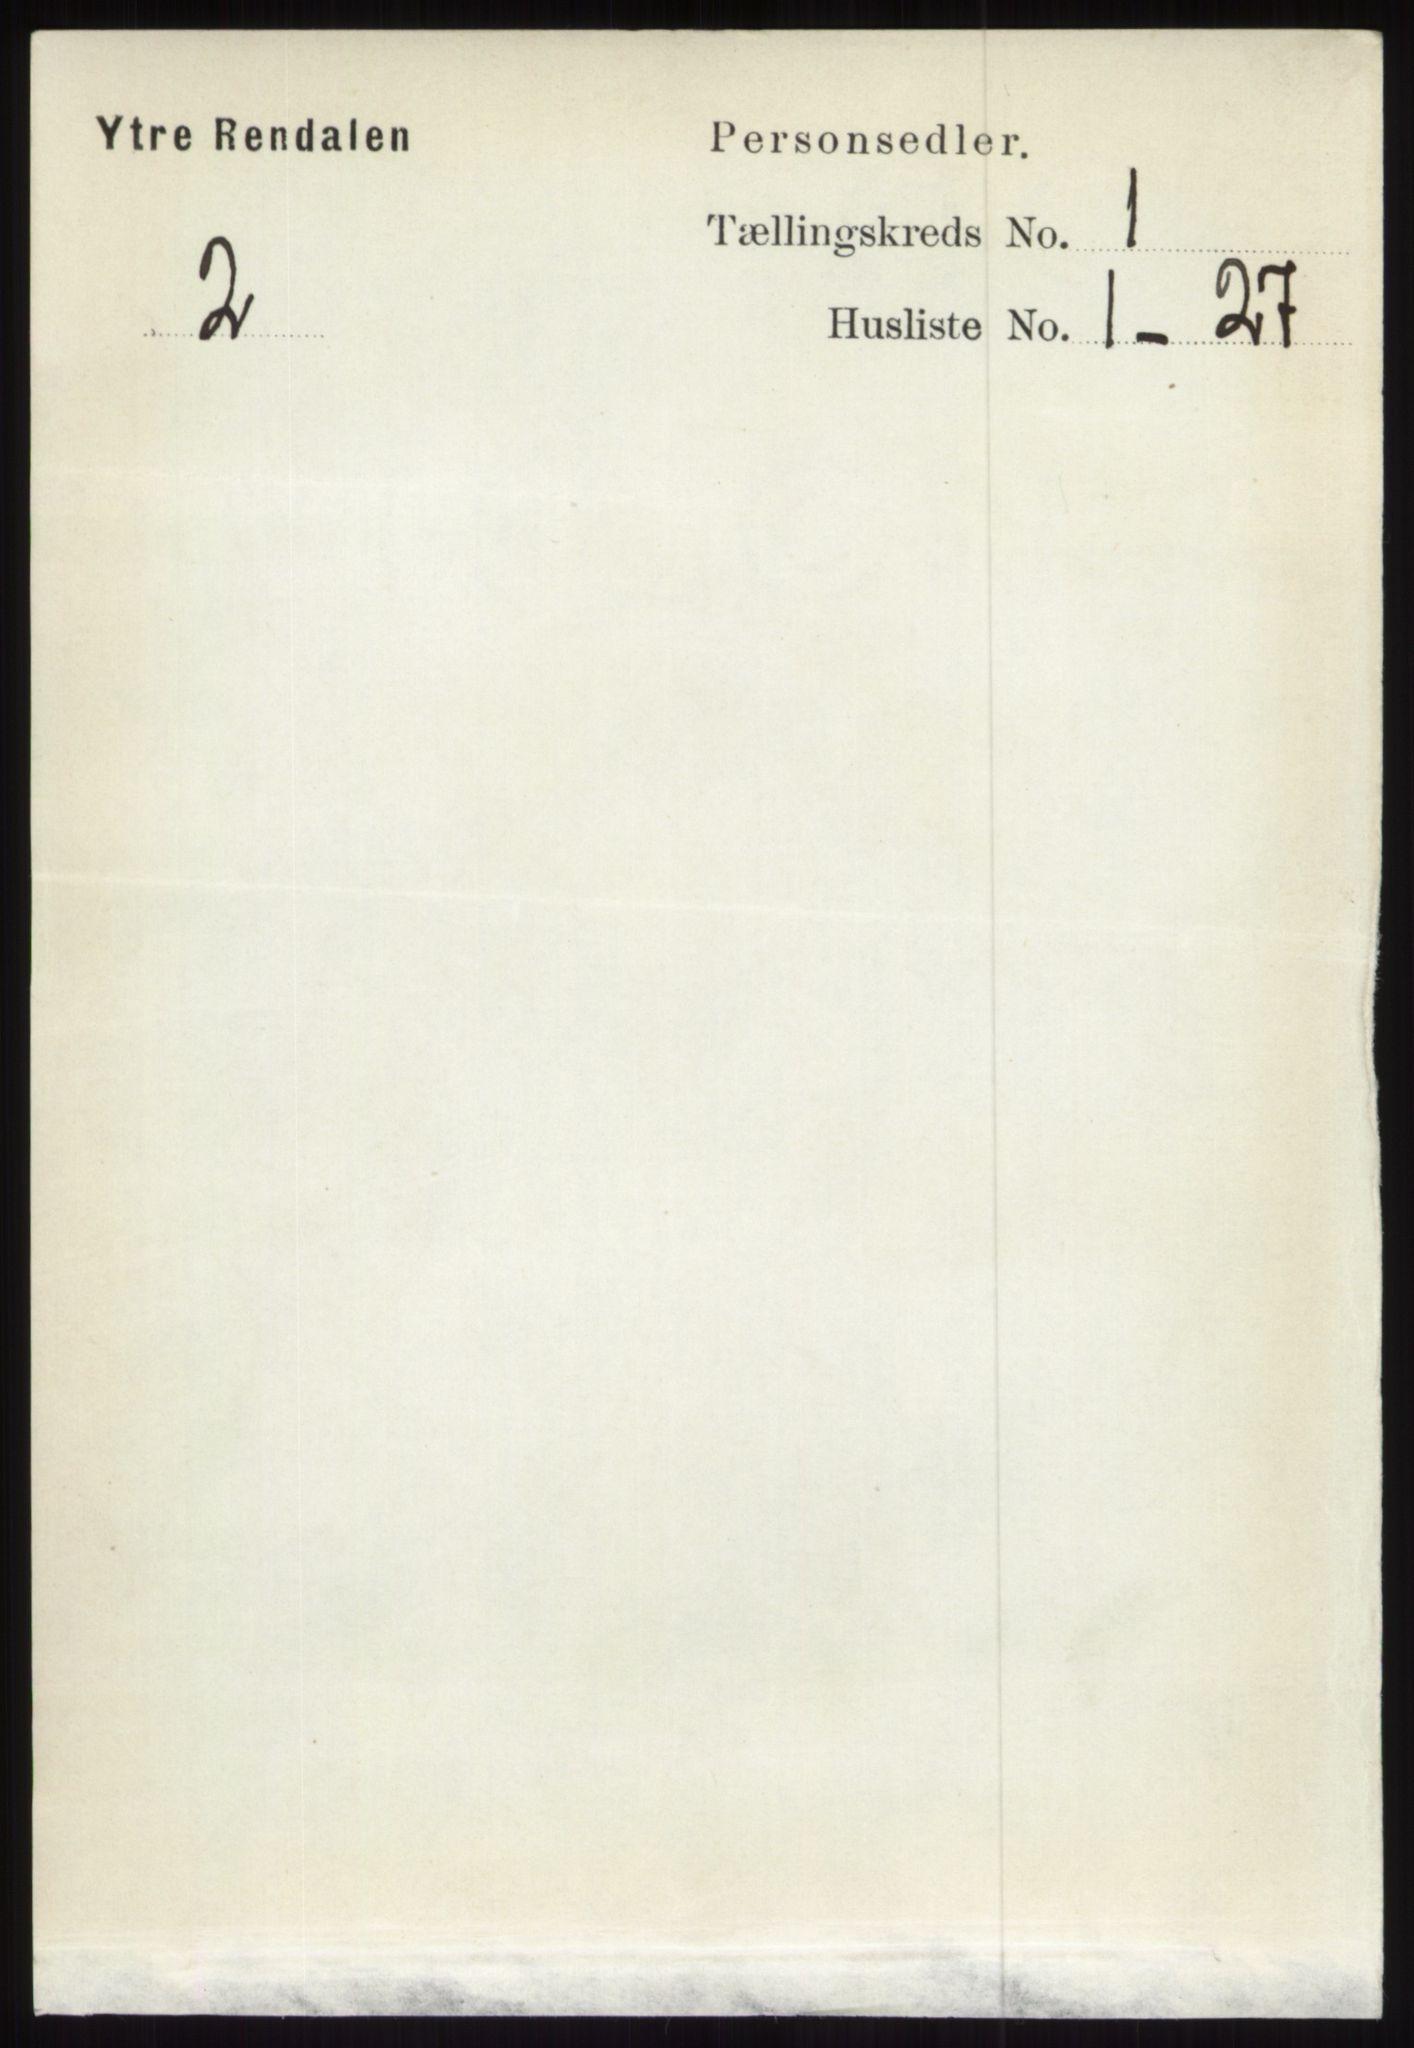 RA, Folketelling 1891 for 0432 Ytre Rendal herred, 1891, s. 80